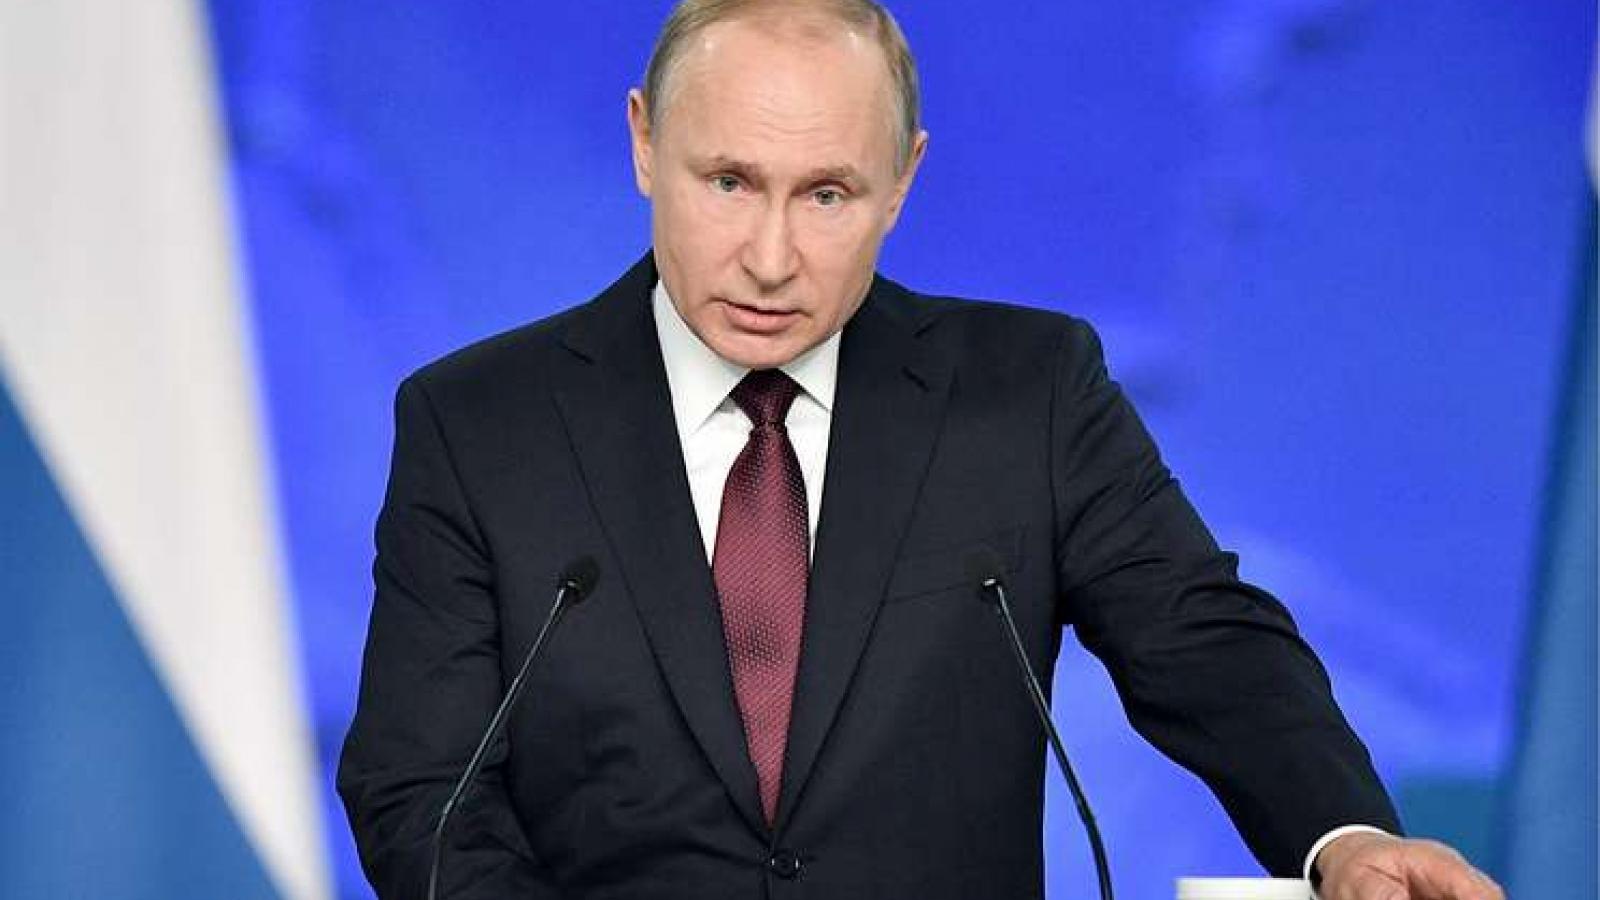 Thông điệp liên bang thể hiện rõ tầm nhìn đối nội, đối ngoại của nước Nga